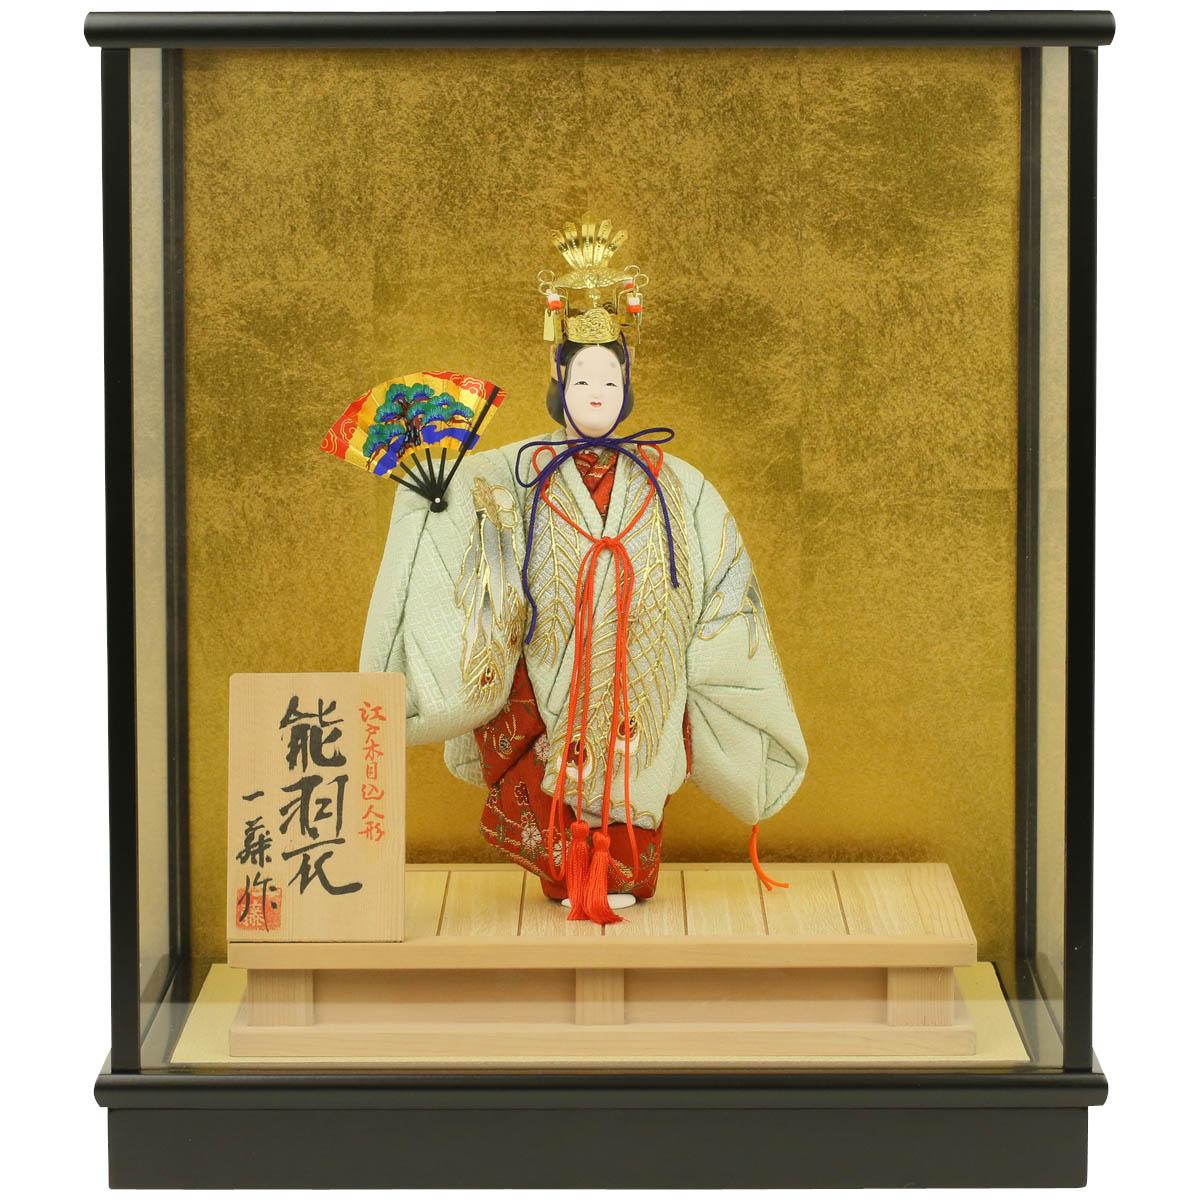 能を舞う人形を江戸木目込みで表現した 能人形の羽衣 江戸木目込み 木目込み人形 能人形 高級な 羽衣 ショッピング 刺繍付